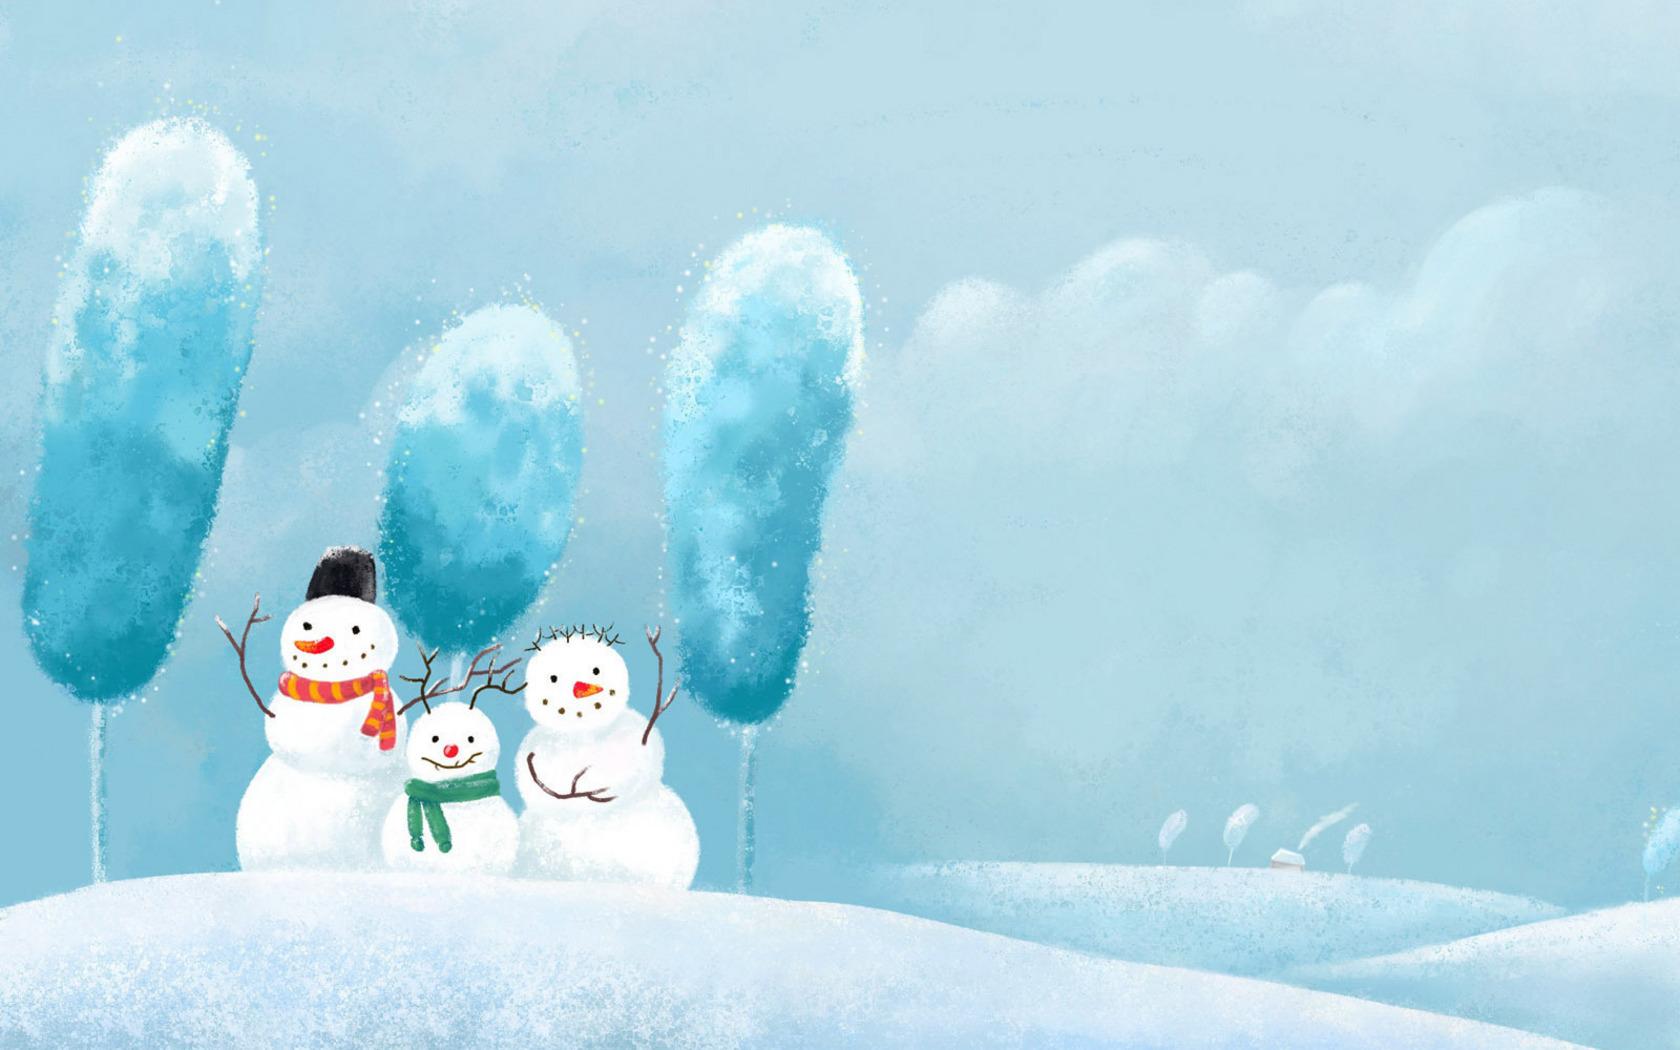 нарисованная зима обои на рабочий стол № 1239663 загрузить